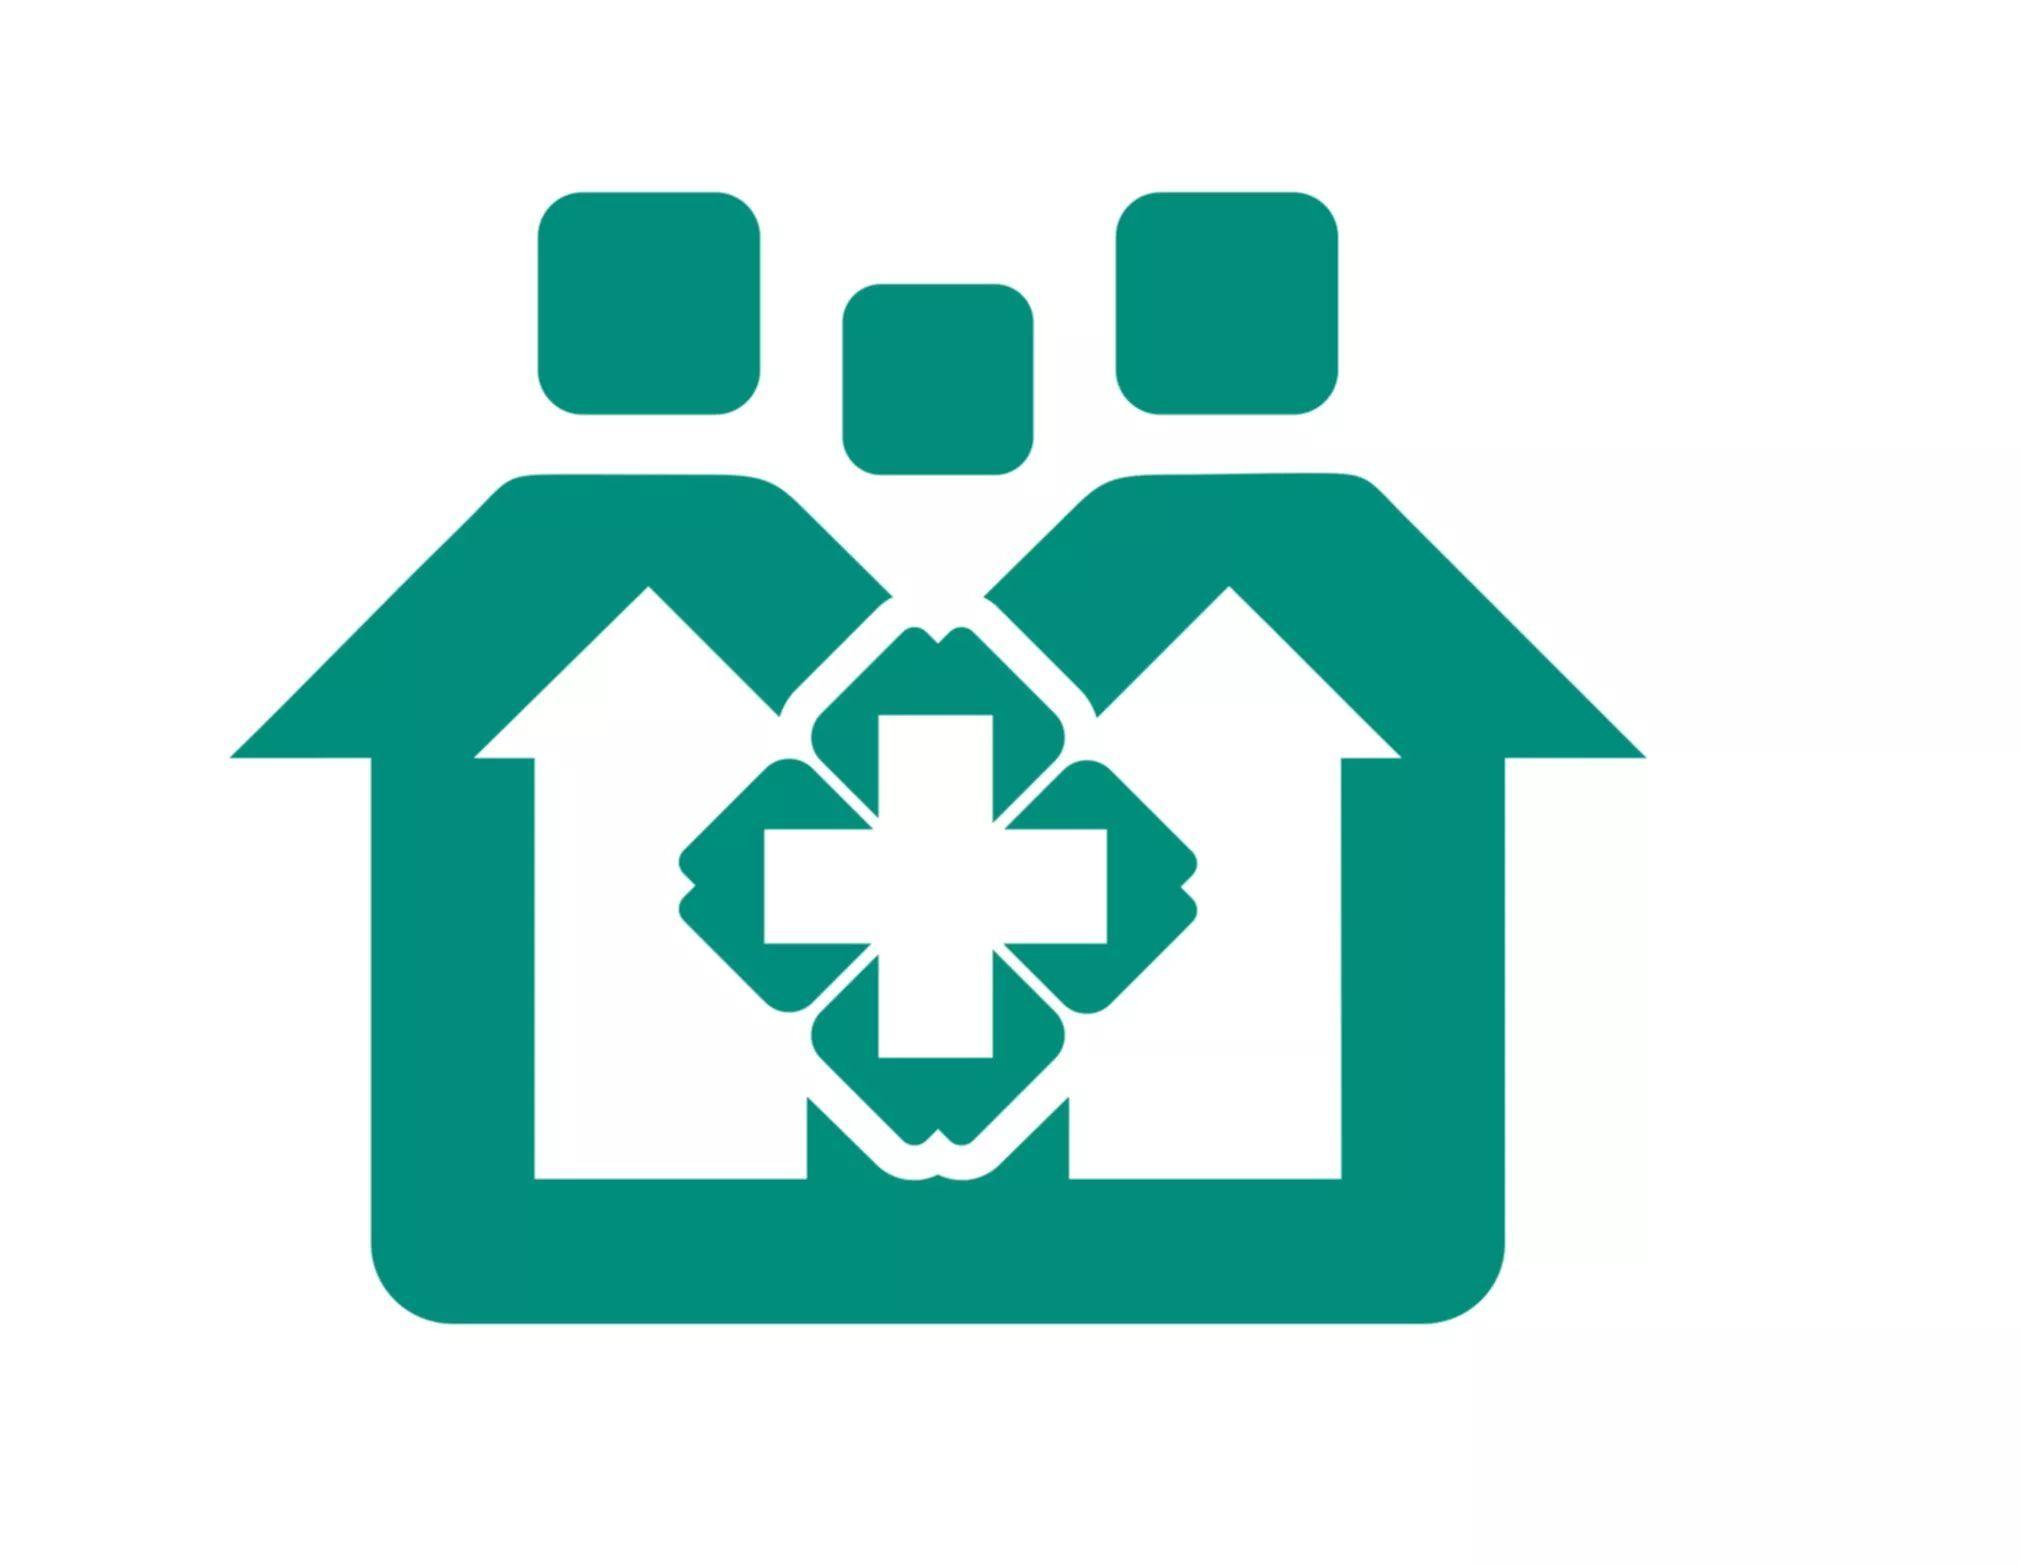 【亦社情】好消息,开发区核心区将建社区卫生服务中心